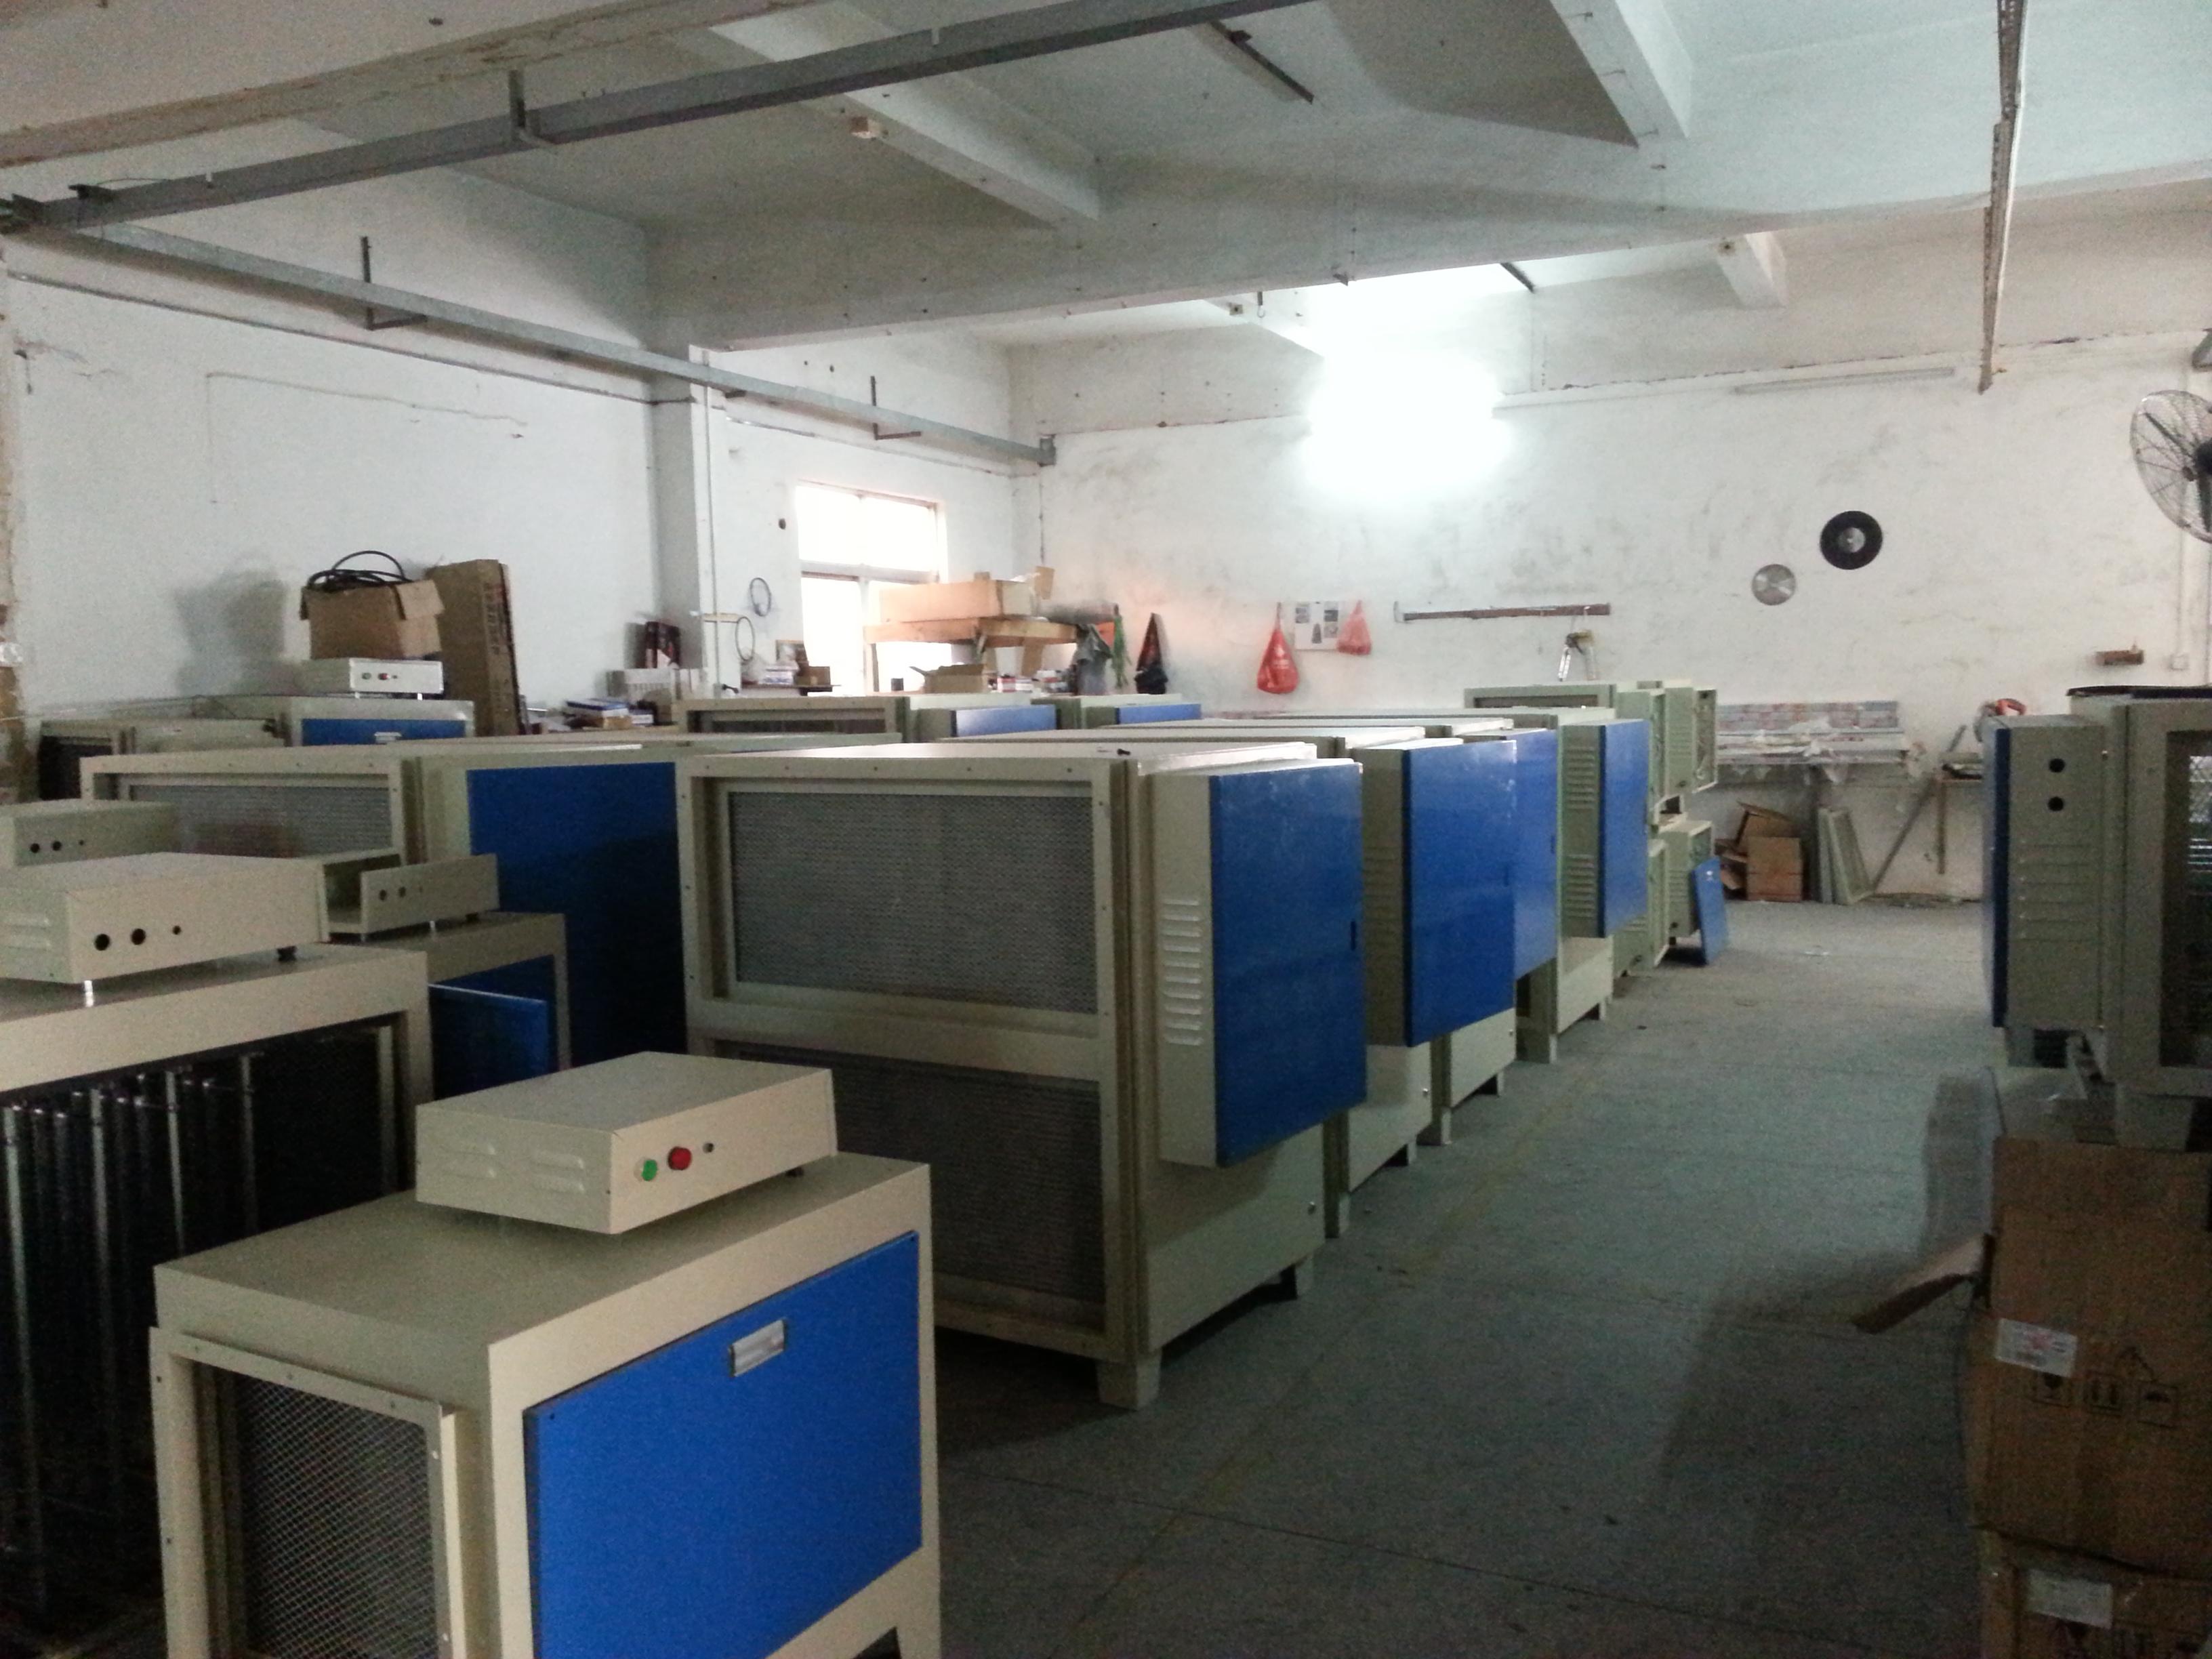 供应油烟净化器代理加盟与项目合作